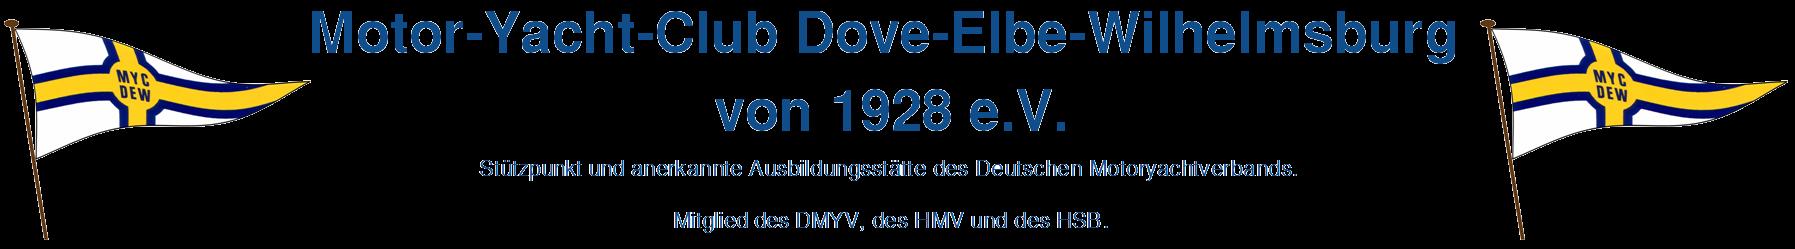 Motor-Yacht-Club Dove-Elbe-Wilhelmsburg e.V.